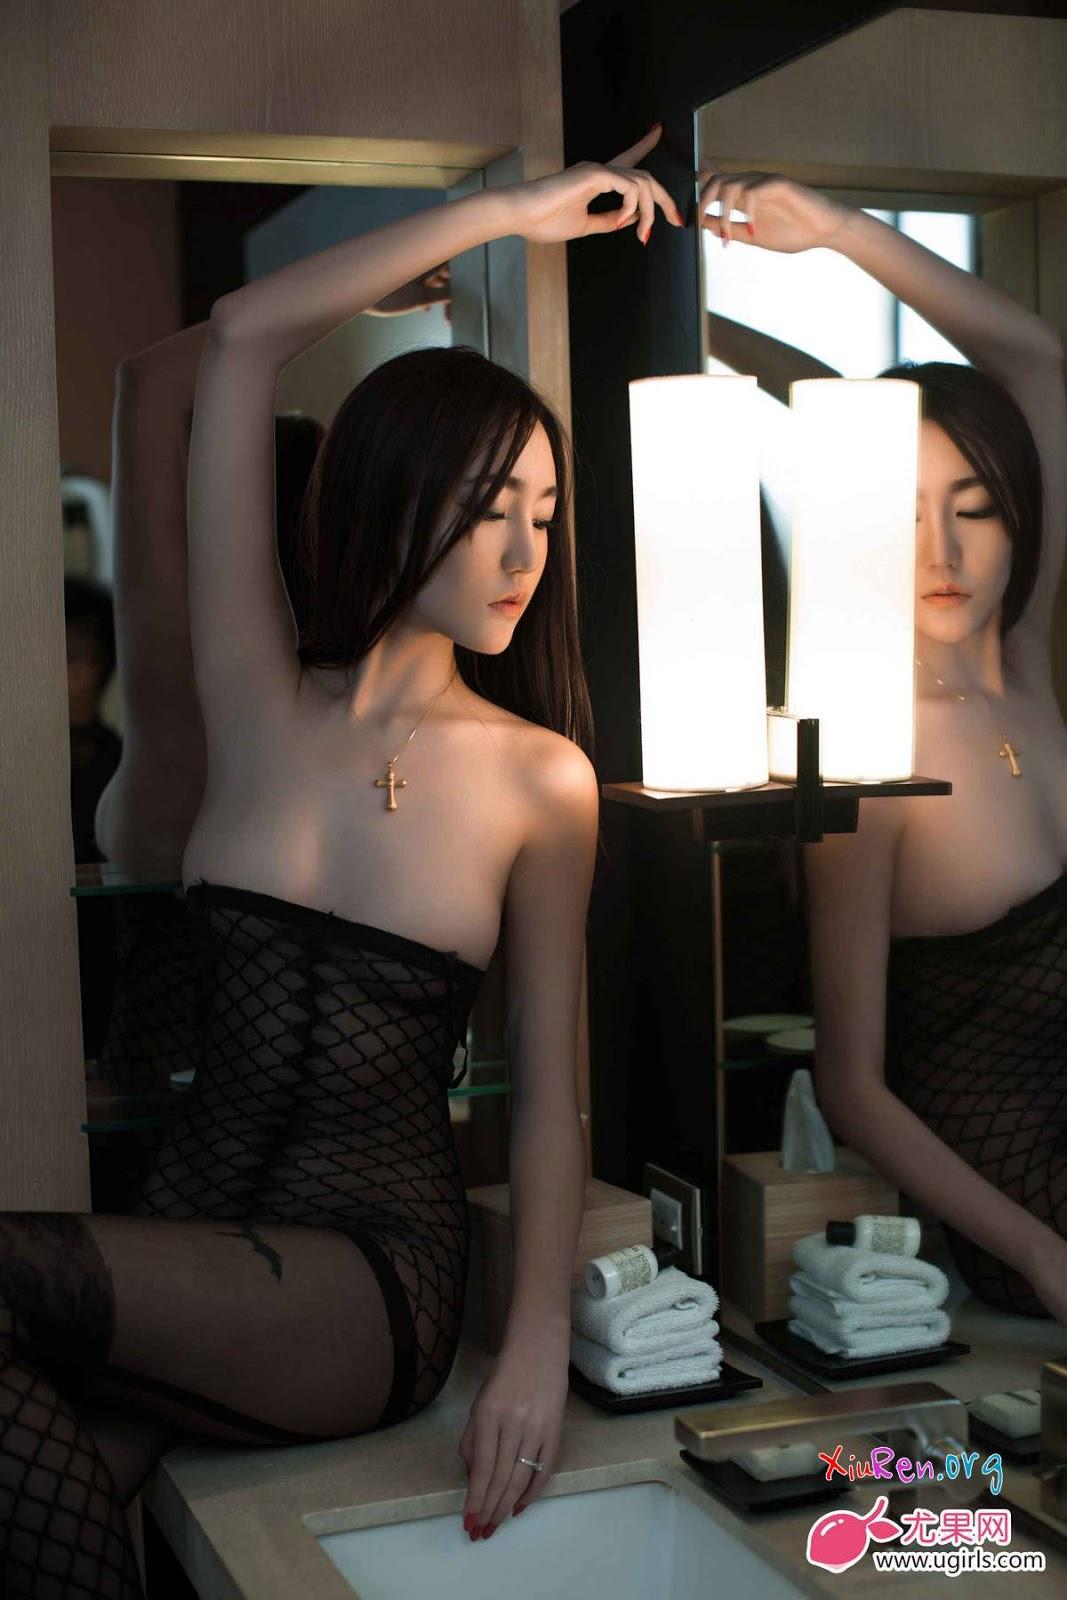 Ảnh gái đẹp HD mình dây ngực khủng bố 1